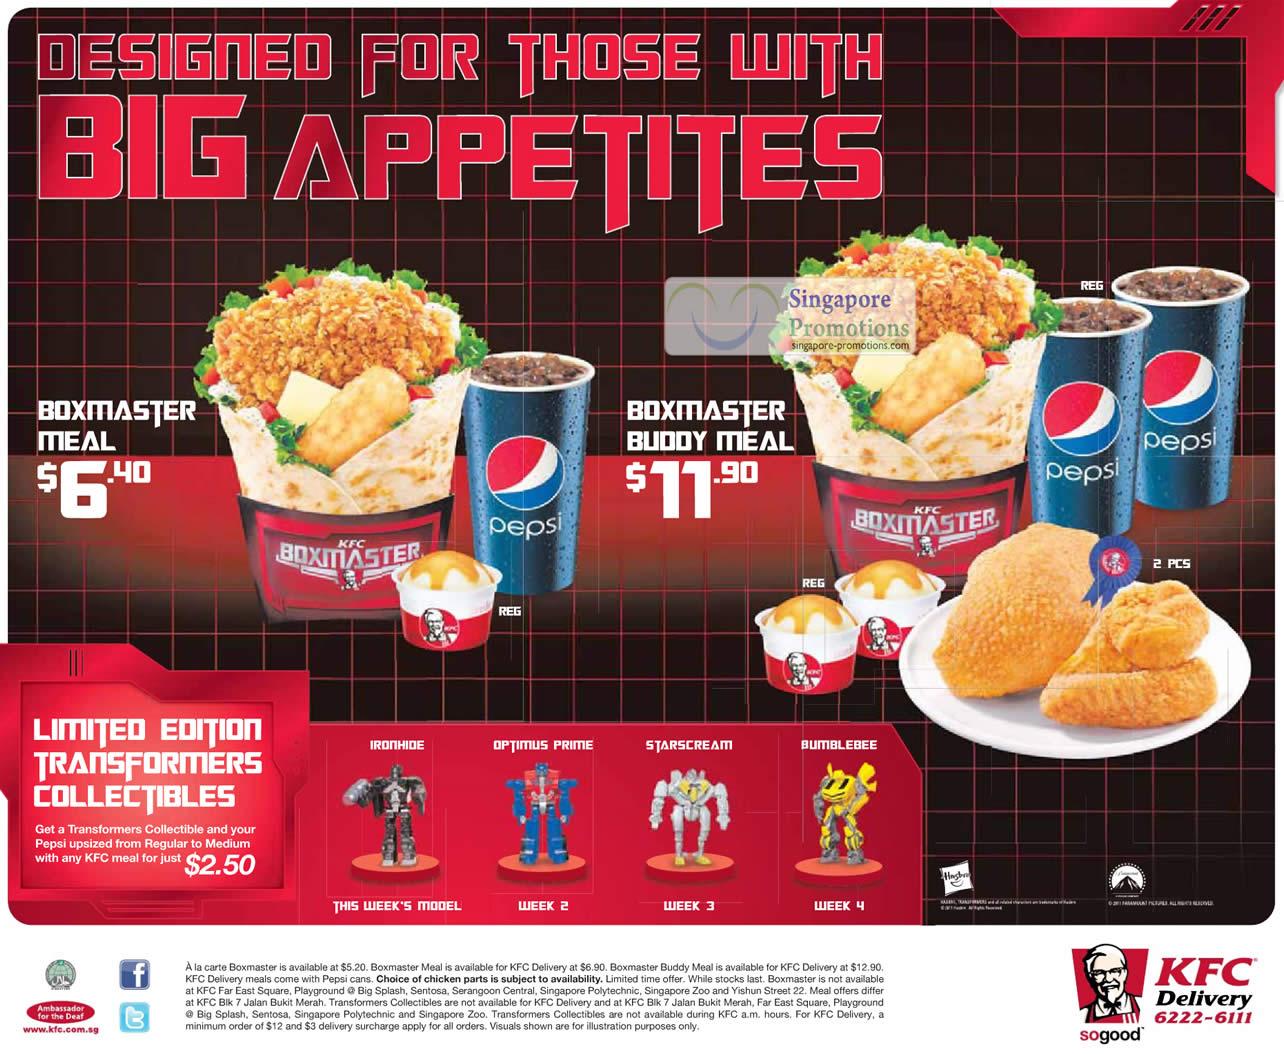 KFC 25 May 2011